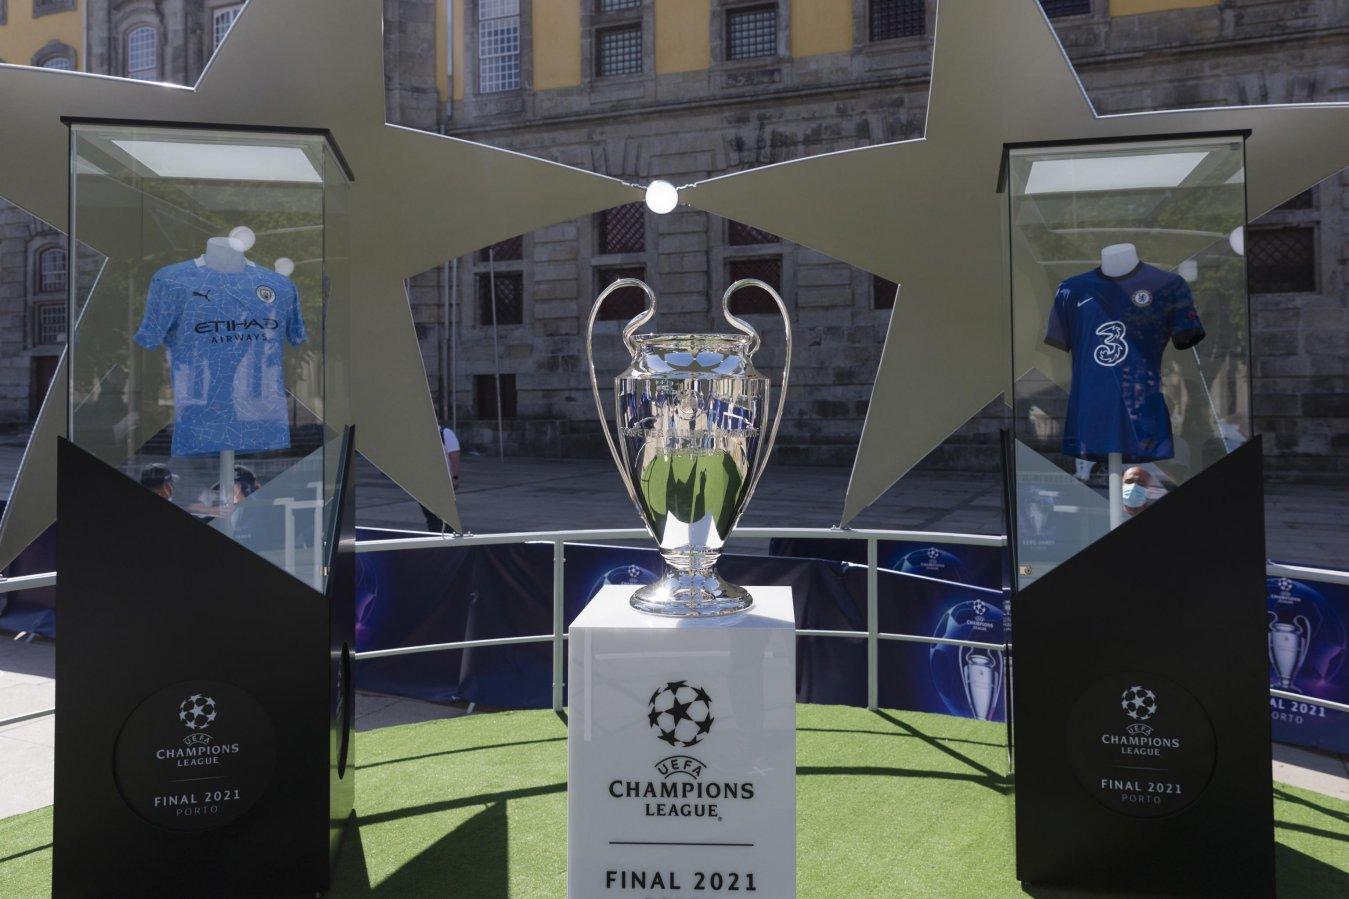 Champions Finale, Manchester City vs Chelsea, diretta Canale 5 e Sky Sport